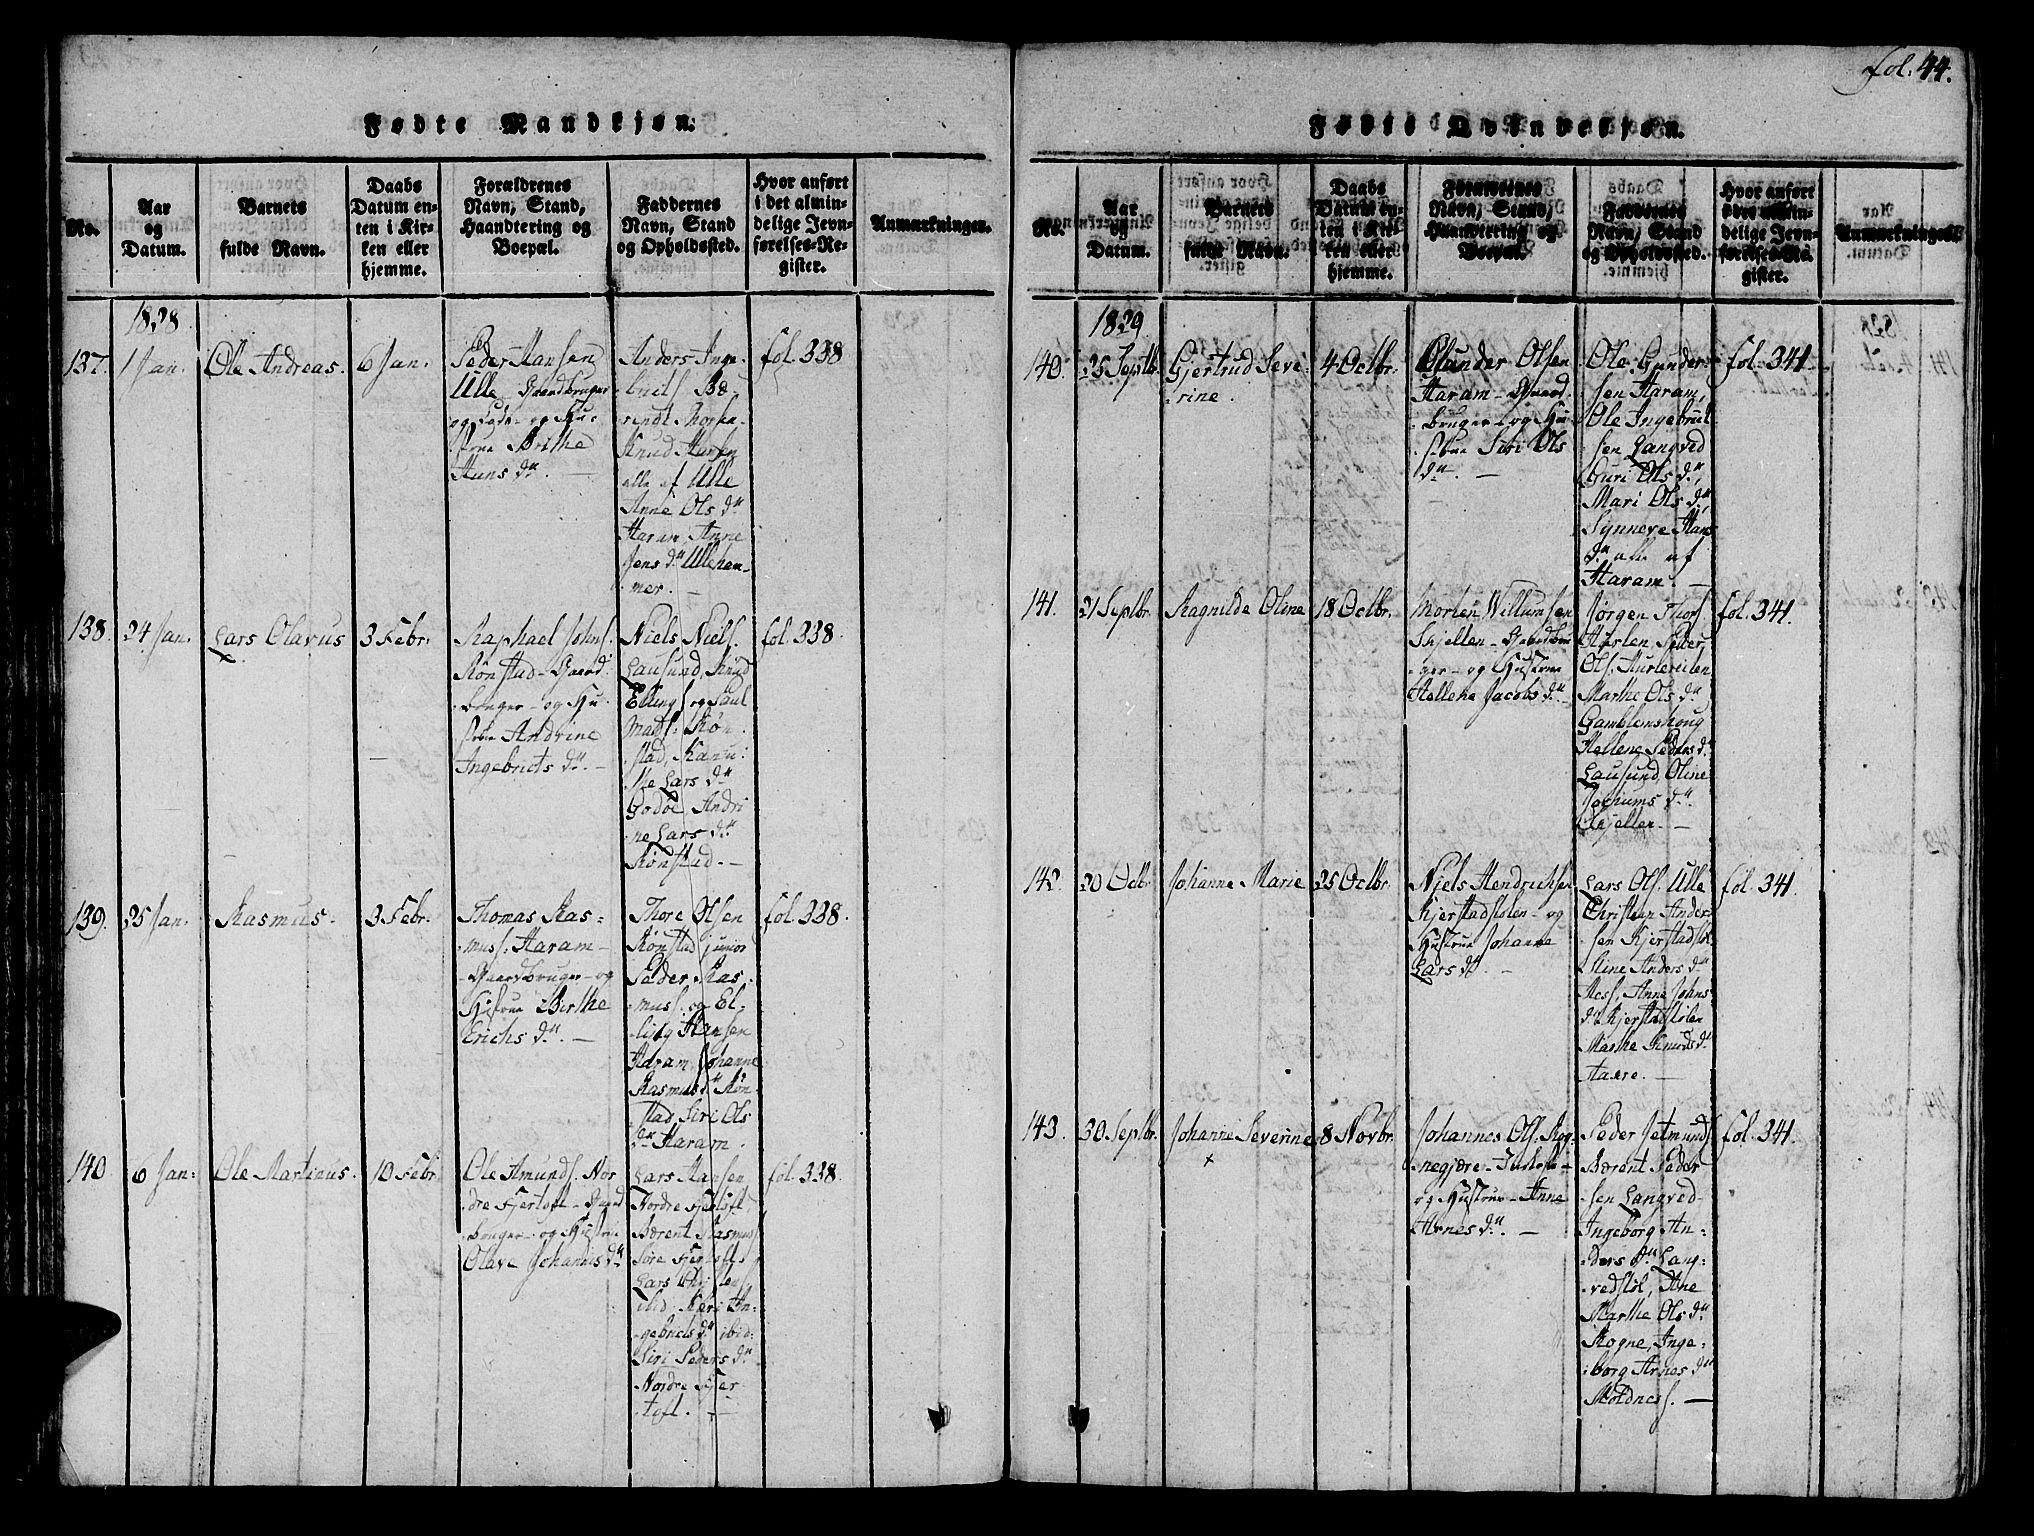 SAT, Ministerialprotokoller, klokkerbøker og fødselsregistre - Møre og Romsdal, 536/L0495: Ministerialbok nr. 536A04, 1818-1847, s. 44